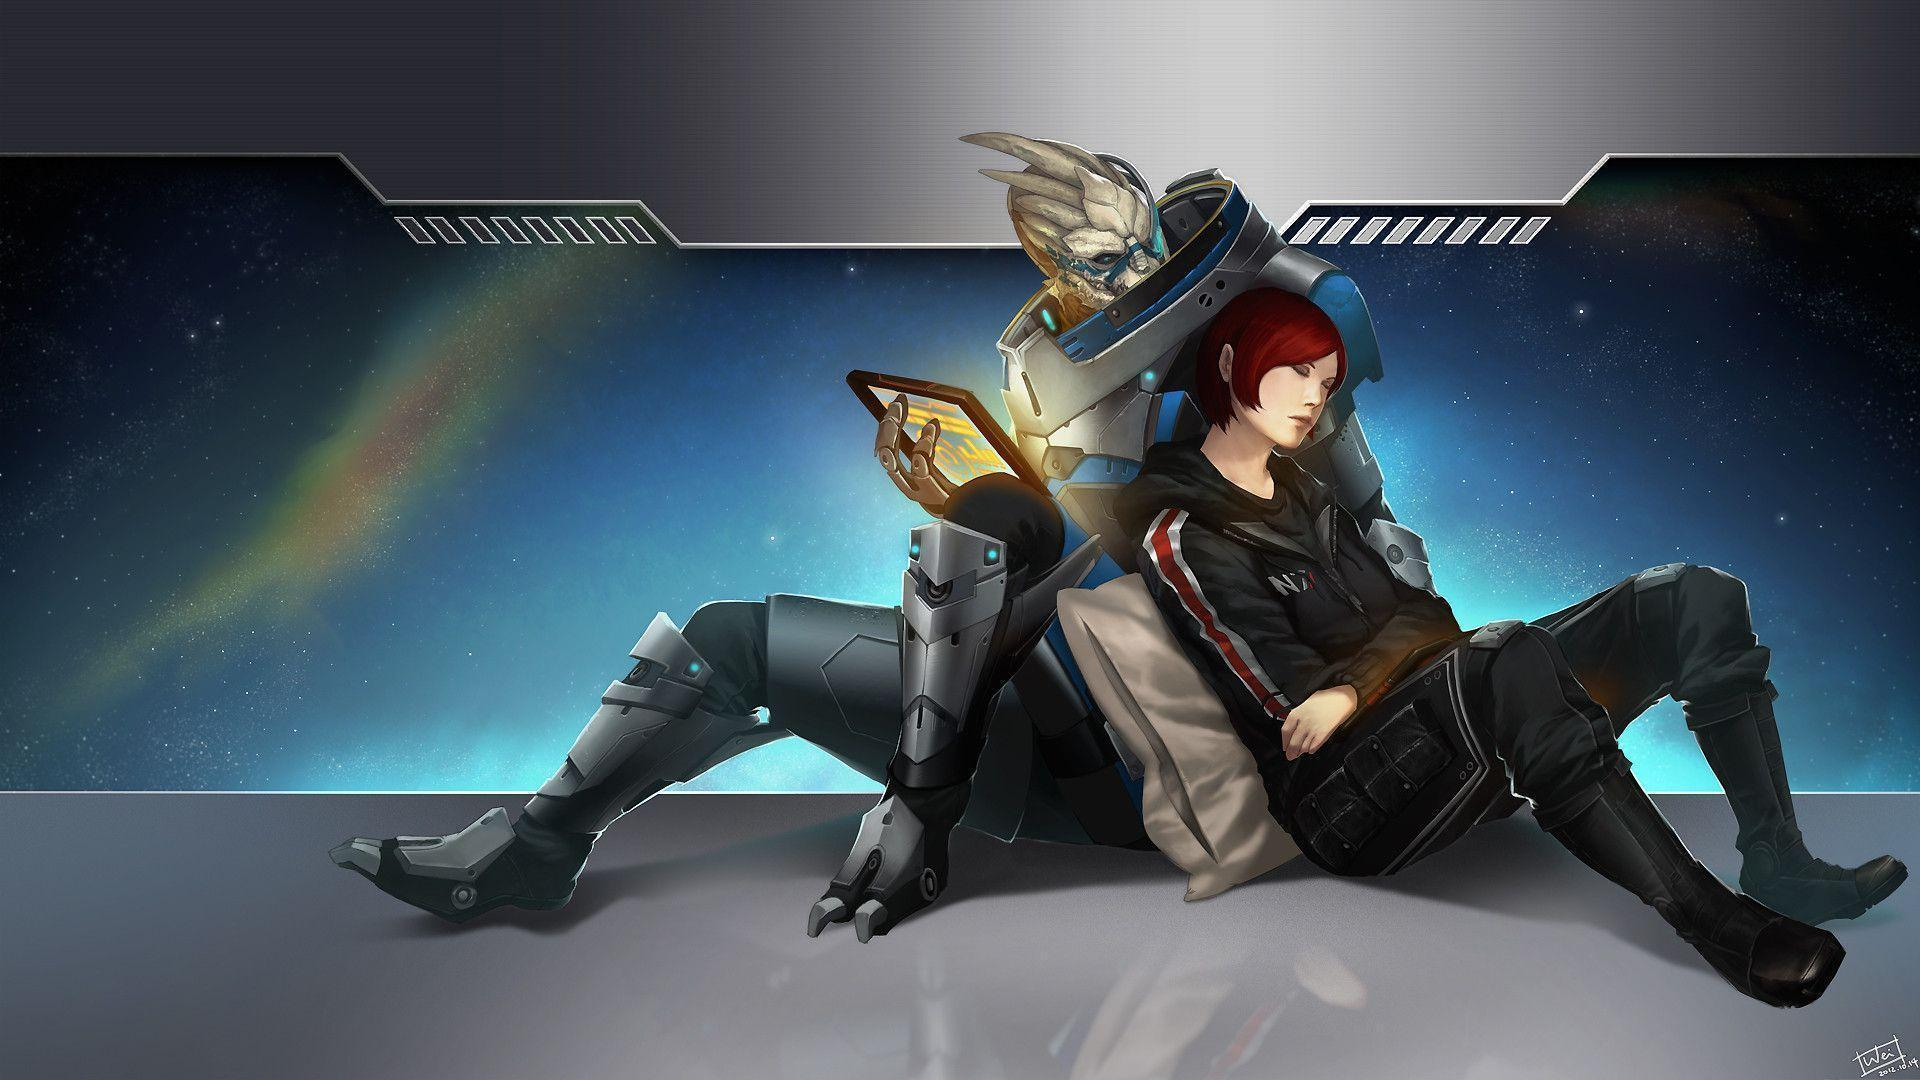 Mass Effect 3 Desktop Backgrounds - Wallpaper Cave